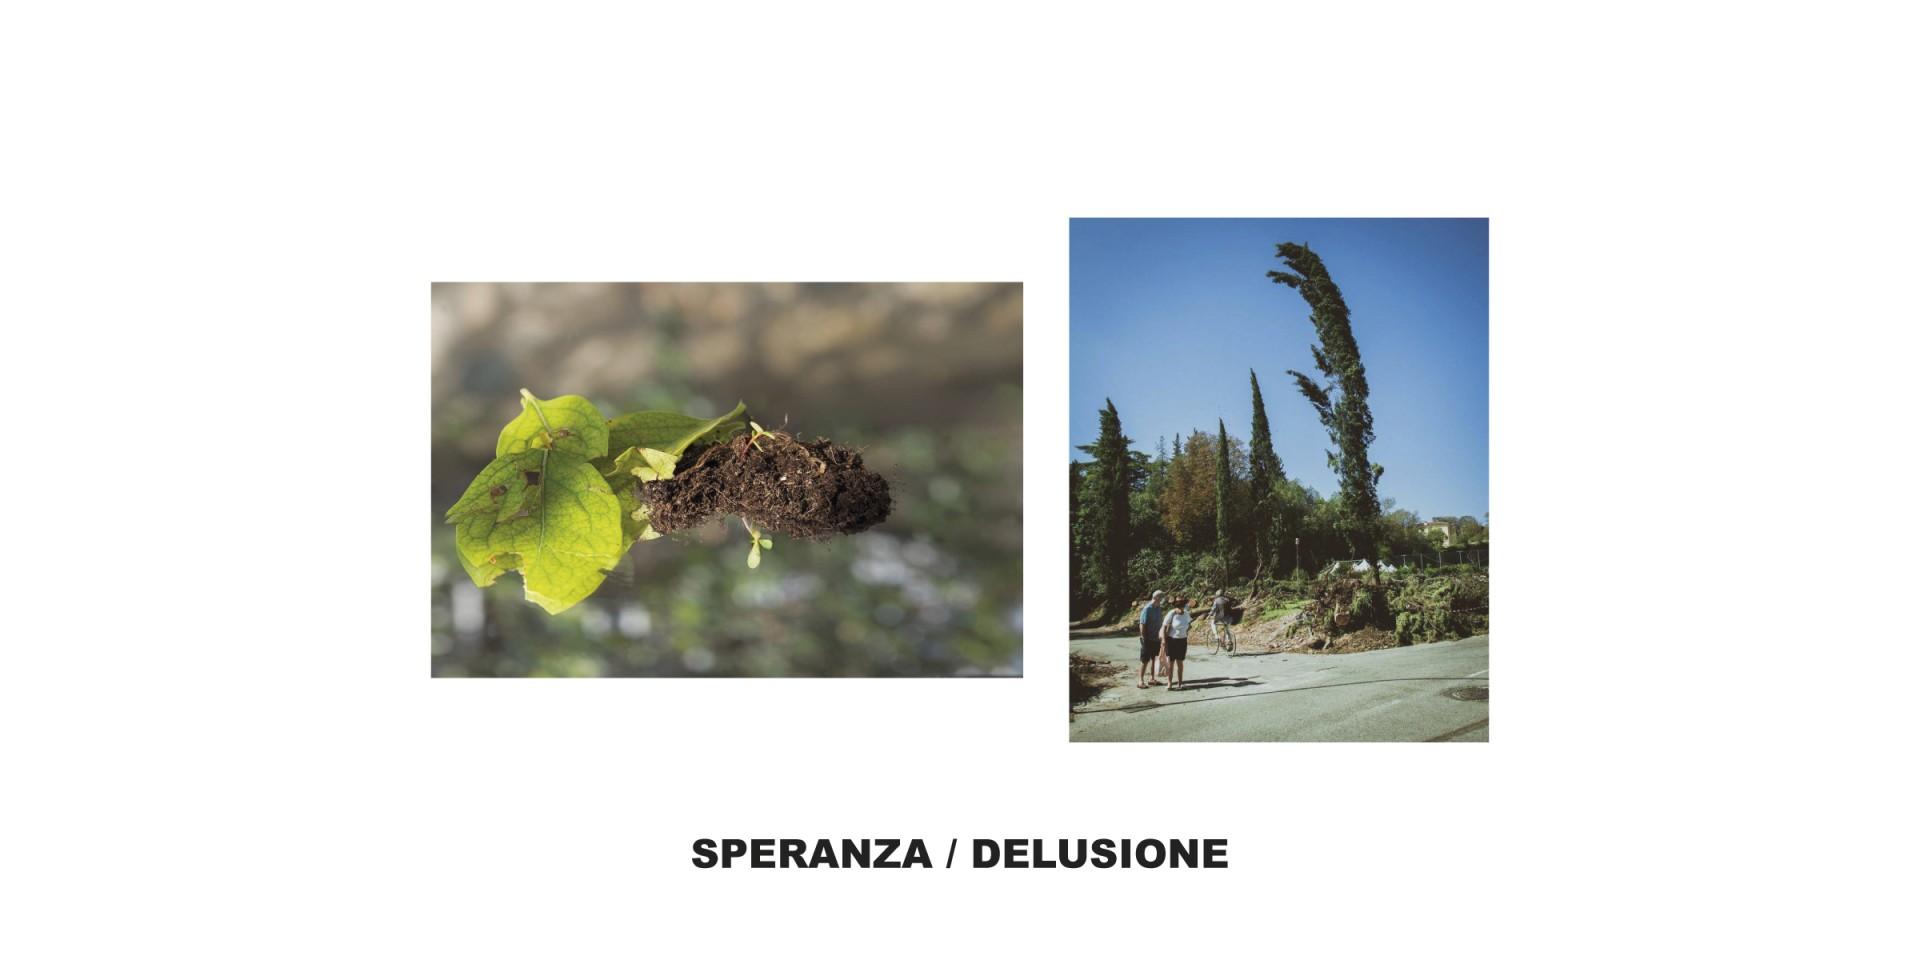 05-slide-speranza-delusione-2.jpg